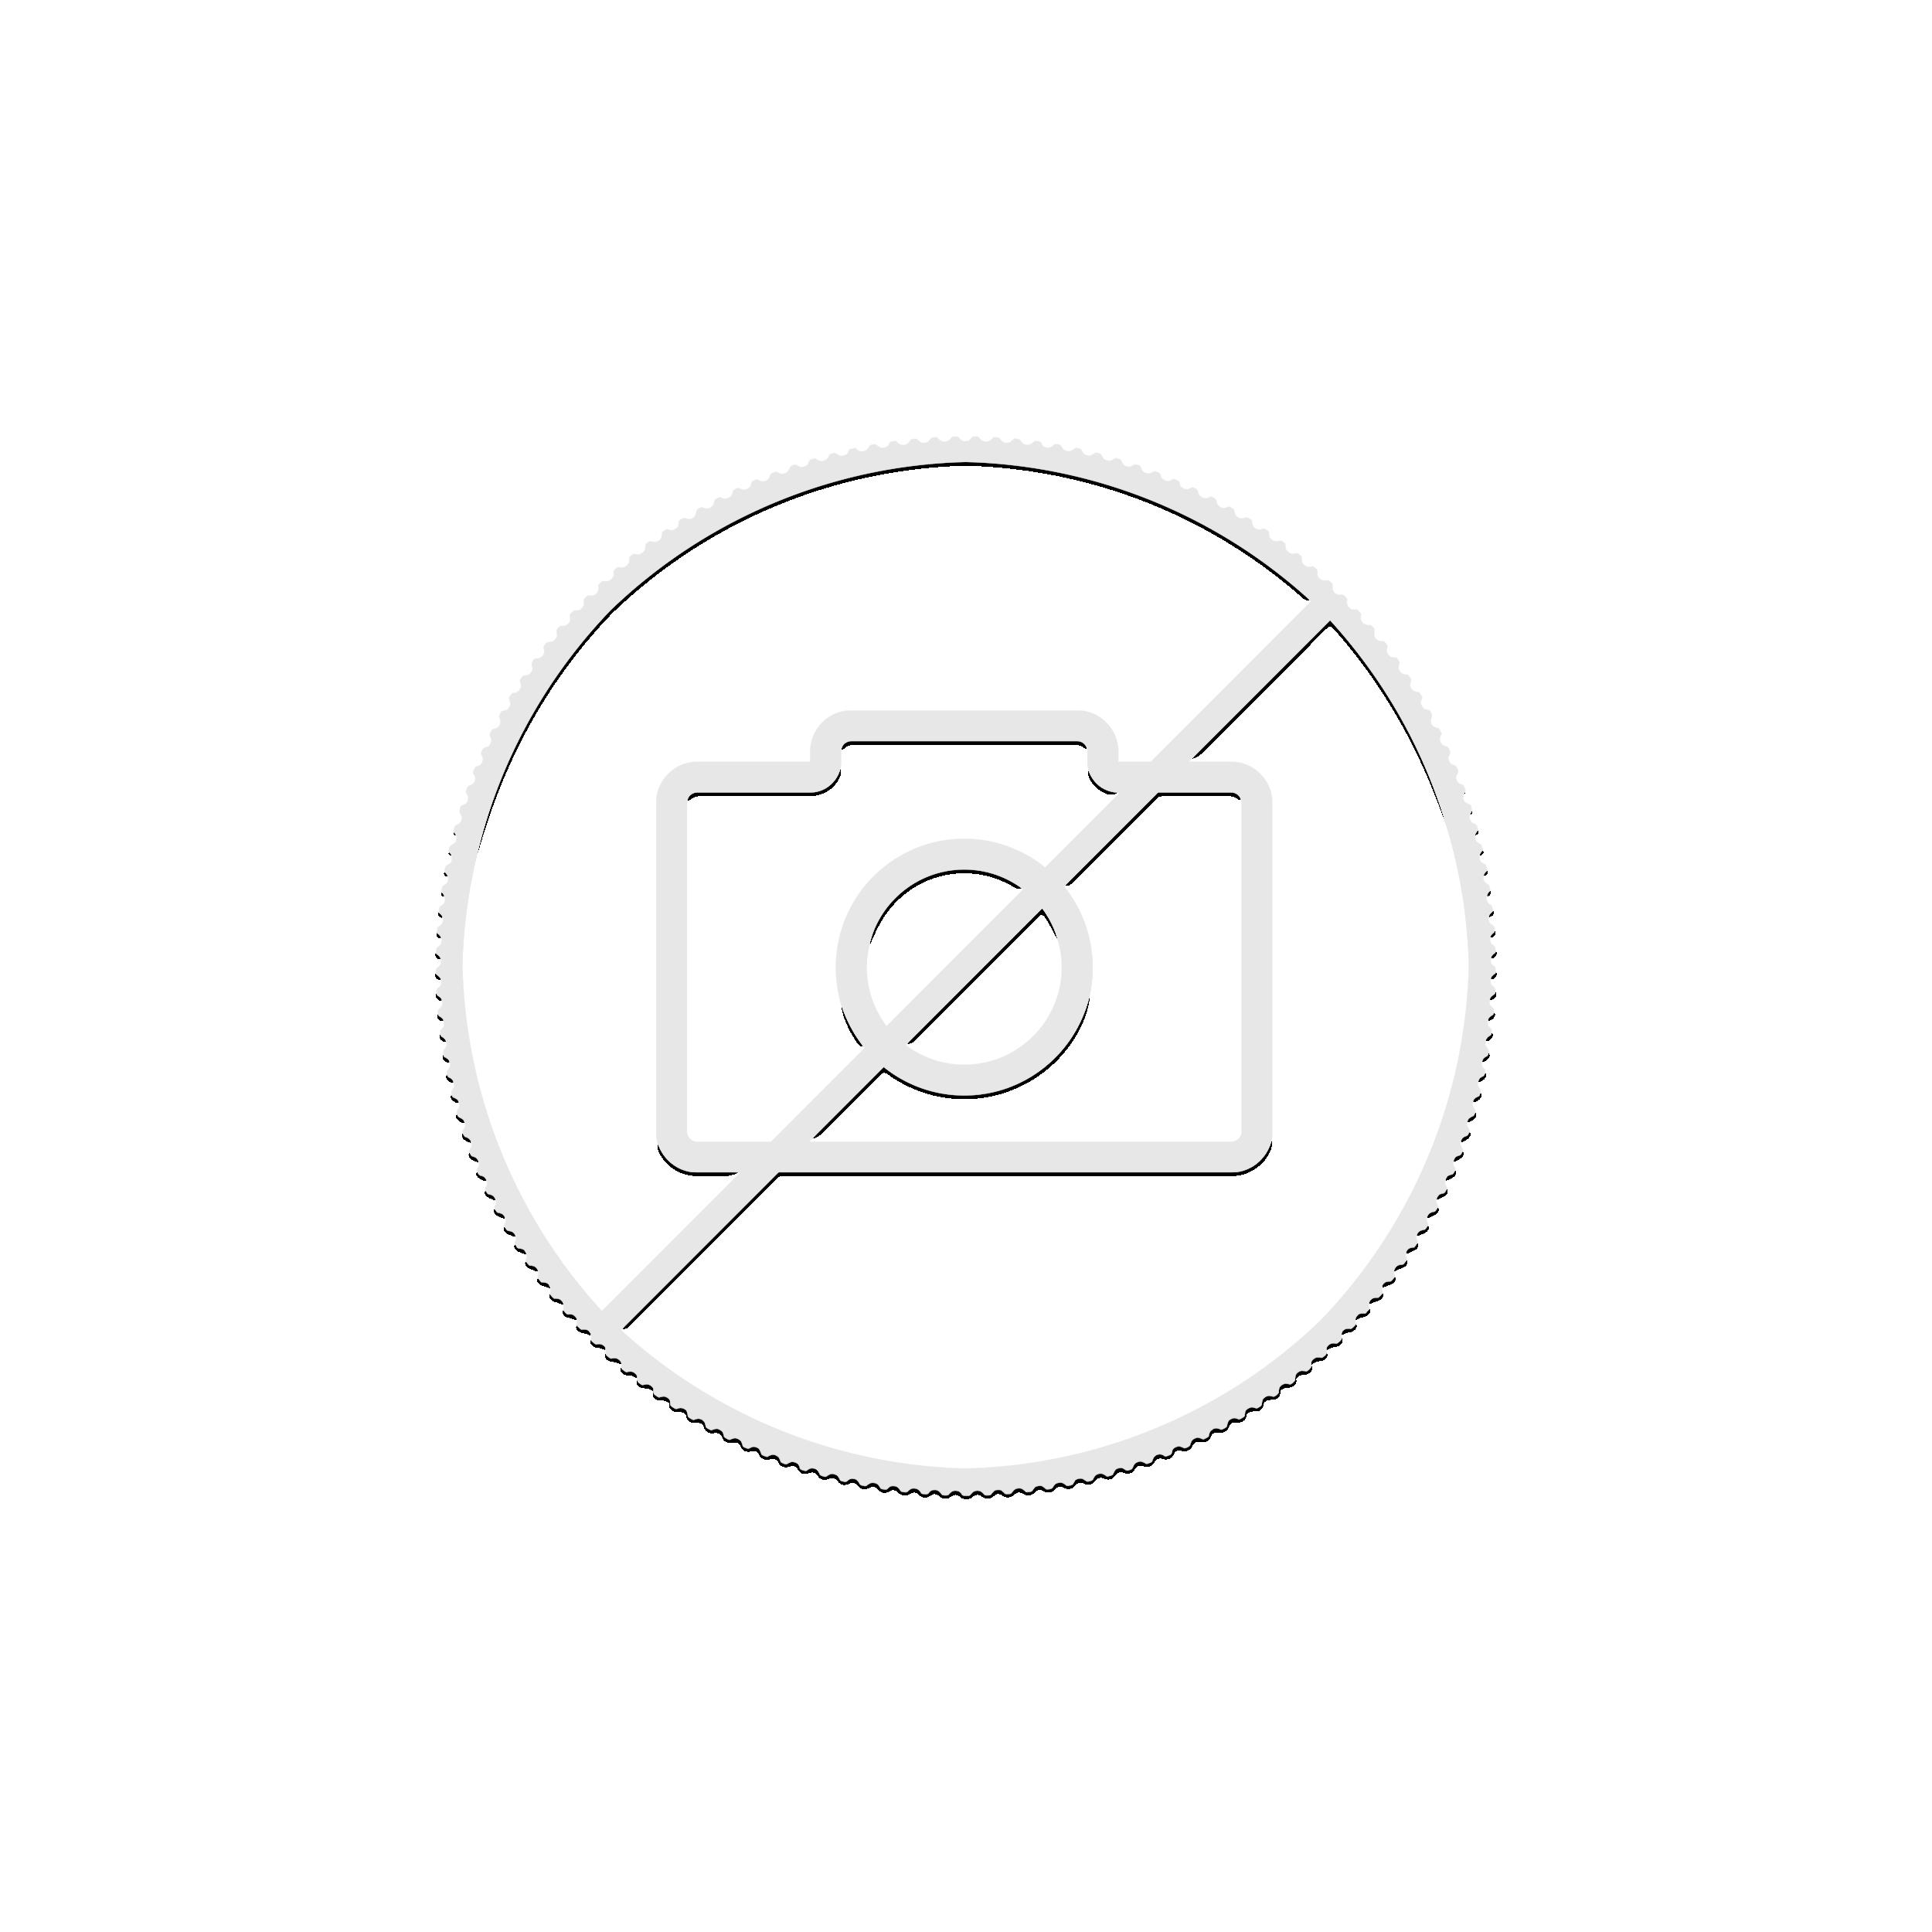 2012 lunar zilver munt Queen Elizabeth II